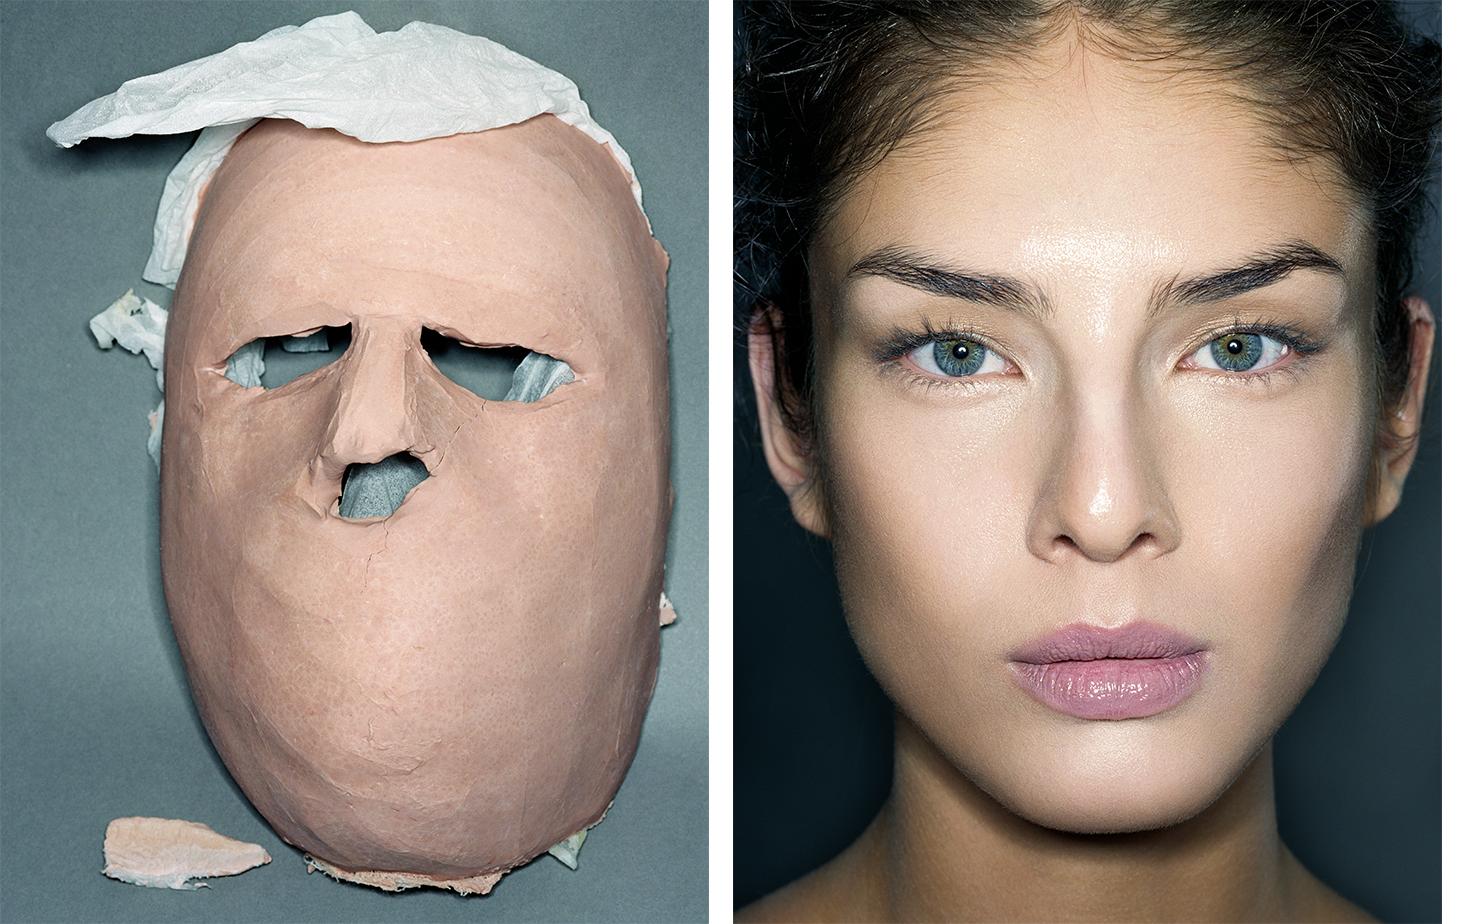 Vogue Germany   SITTINGS EDITOR Susanne Kolmel MODEL Liliana Dominguez